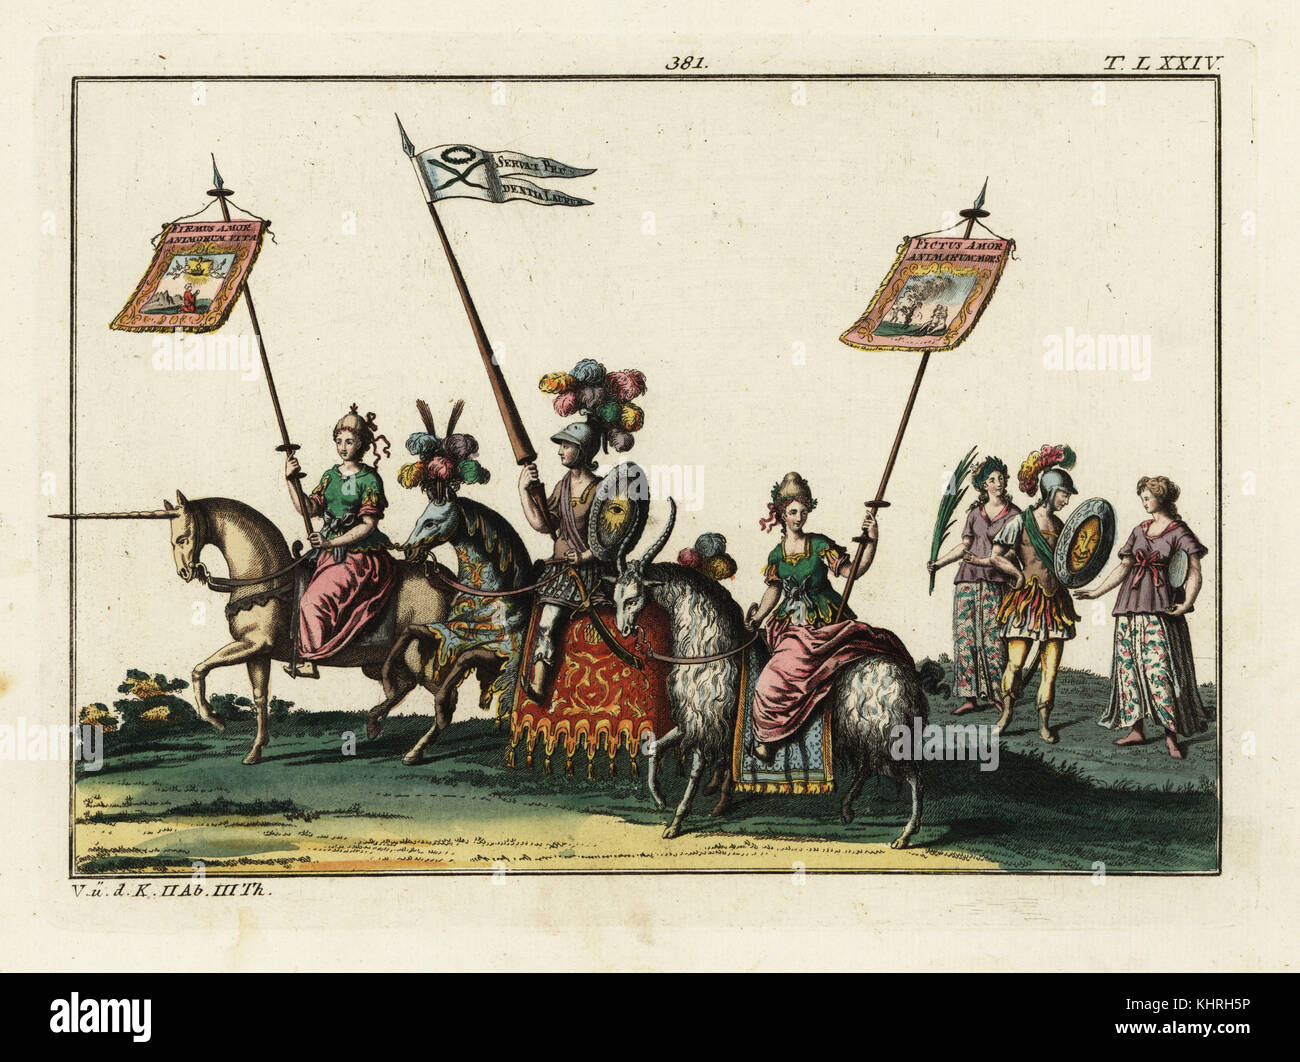 Una procesión con jinetes montados en un unicornio, una cabra y un caballo vistiendo colores heráldicos. Imagen De Stock